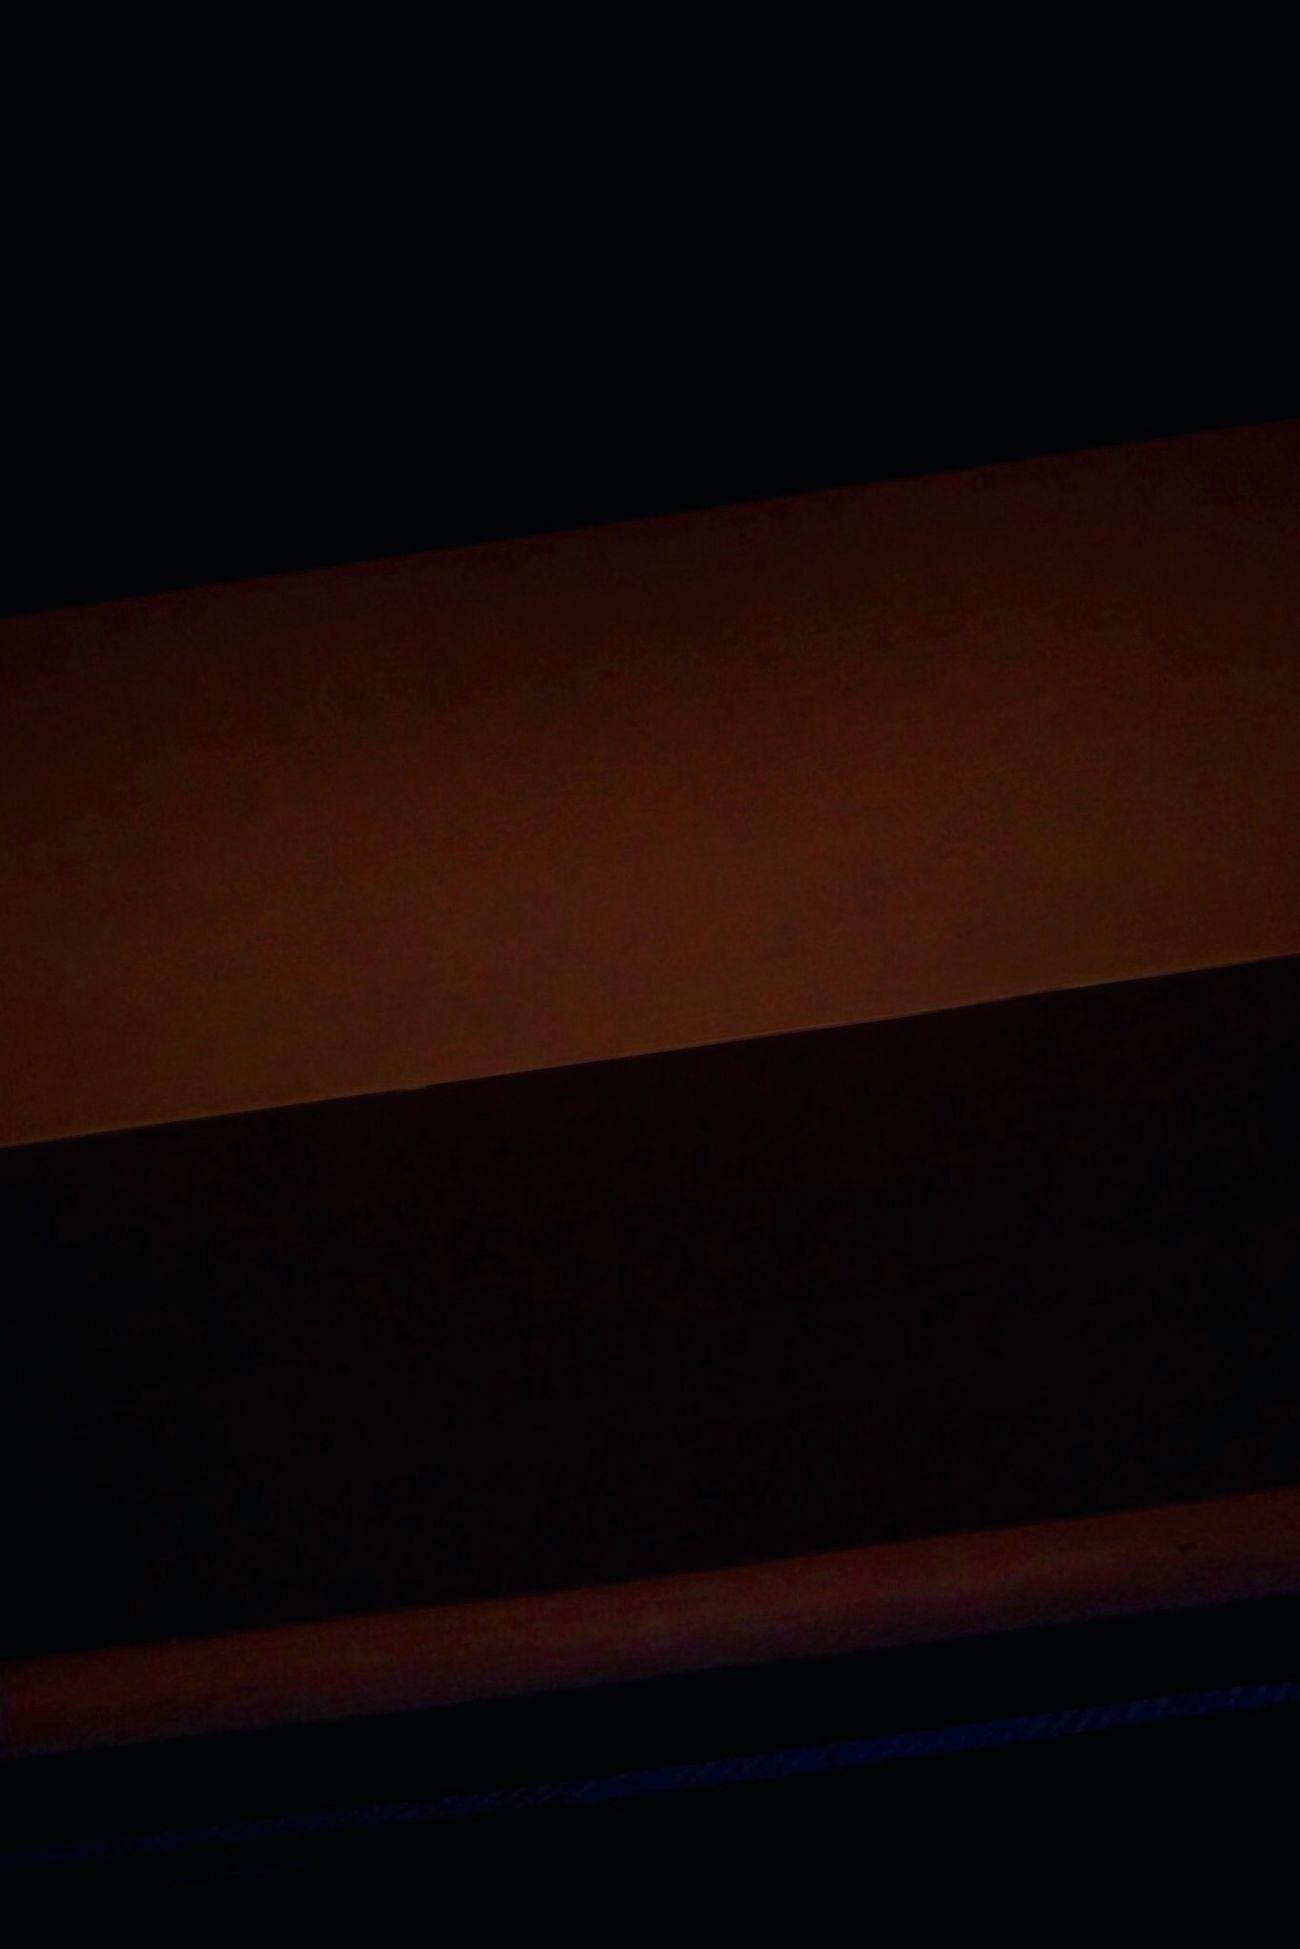 Wall Pivotal Ideas Entre Ombre Et Lumiere Freestyle Tourne à Gauche Sol Instable